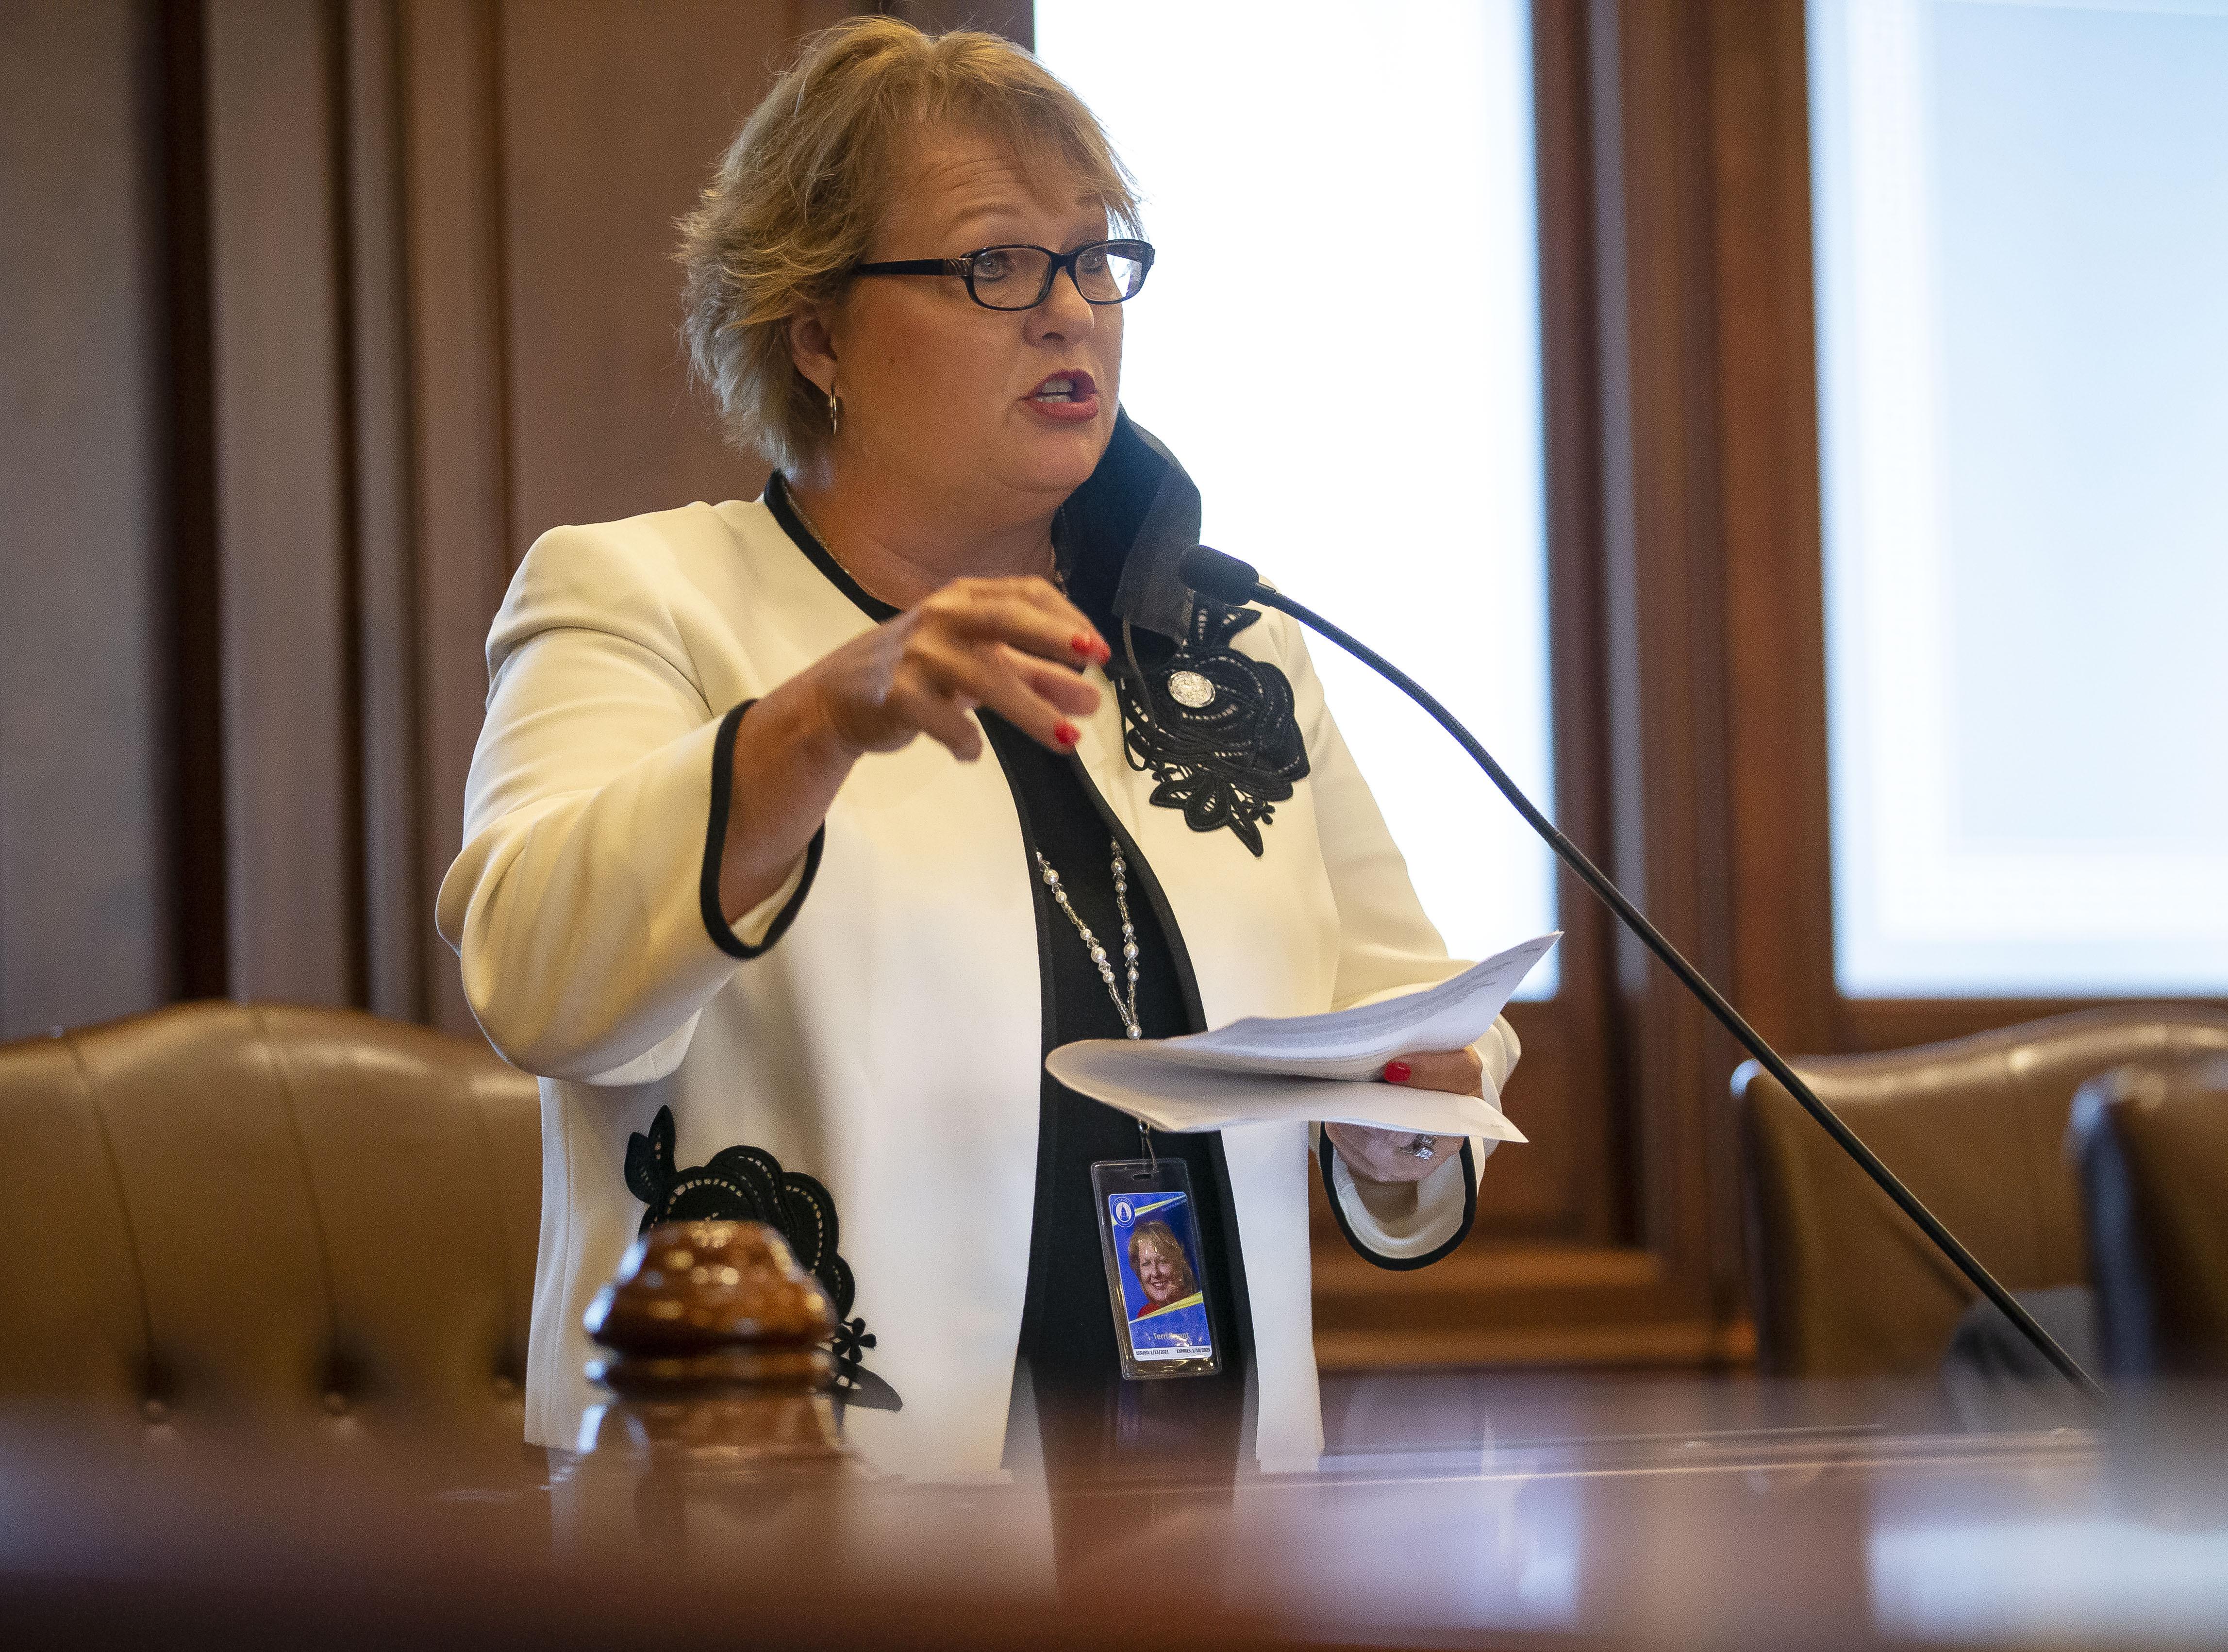 State Sen. Terri Bryant, R-Murphysboro, speaks on the floor of the Illinois Senate in September.